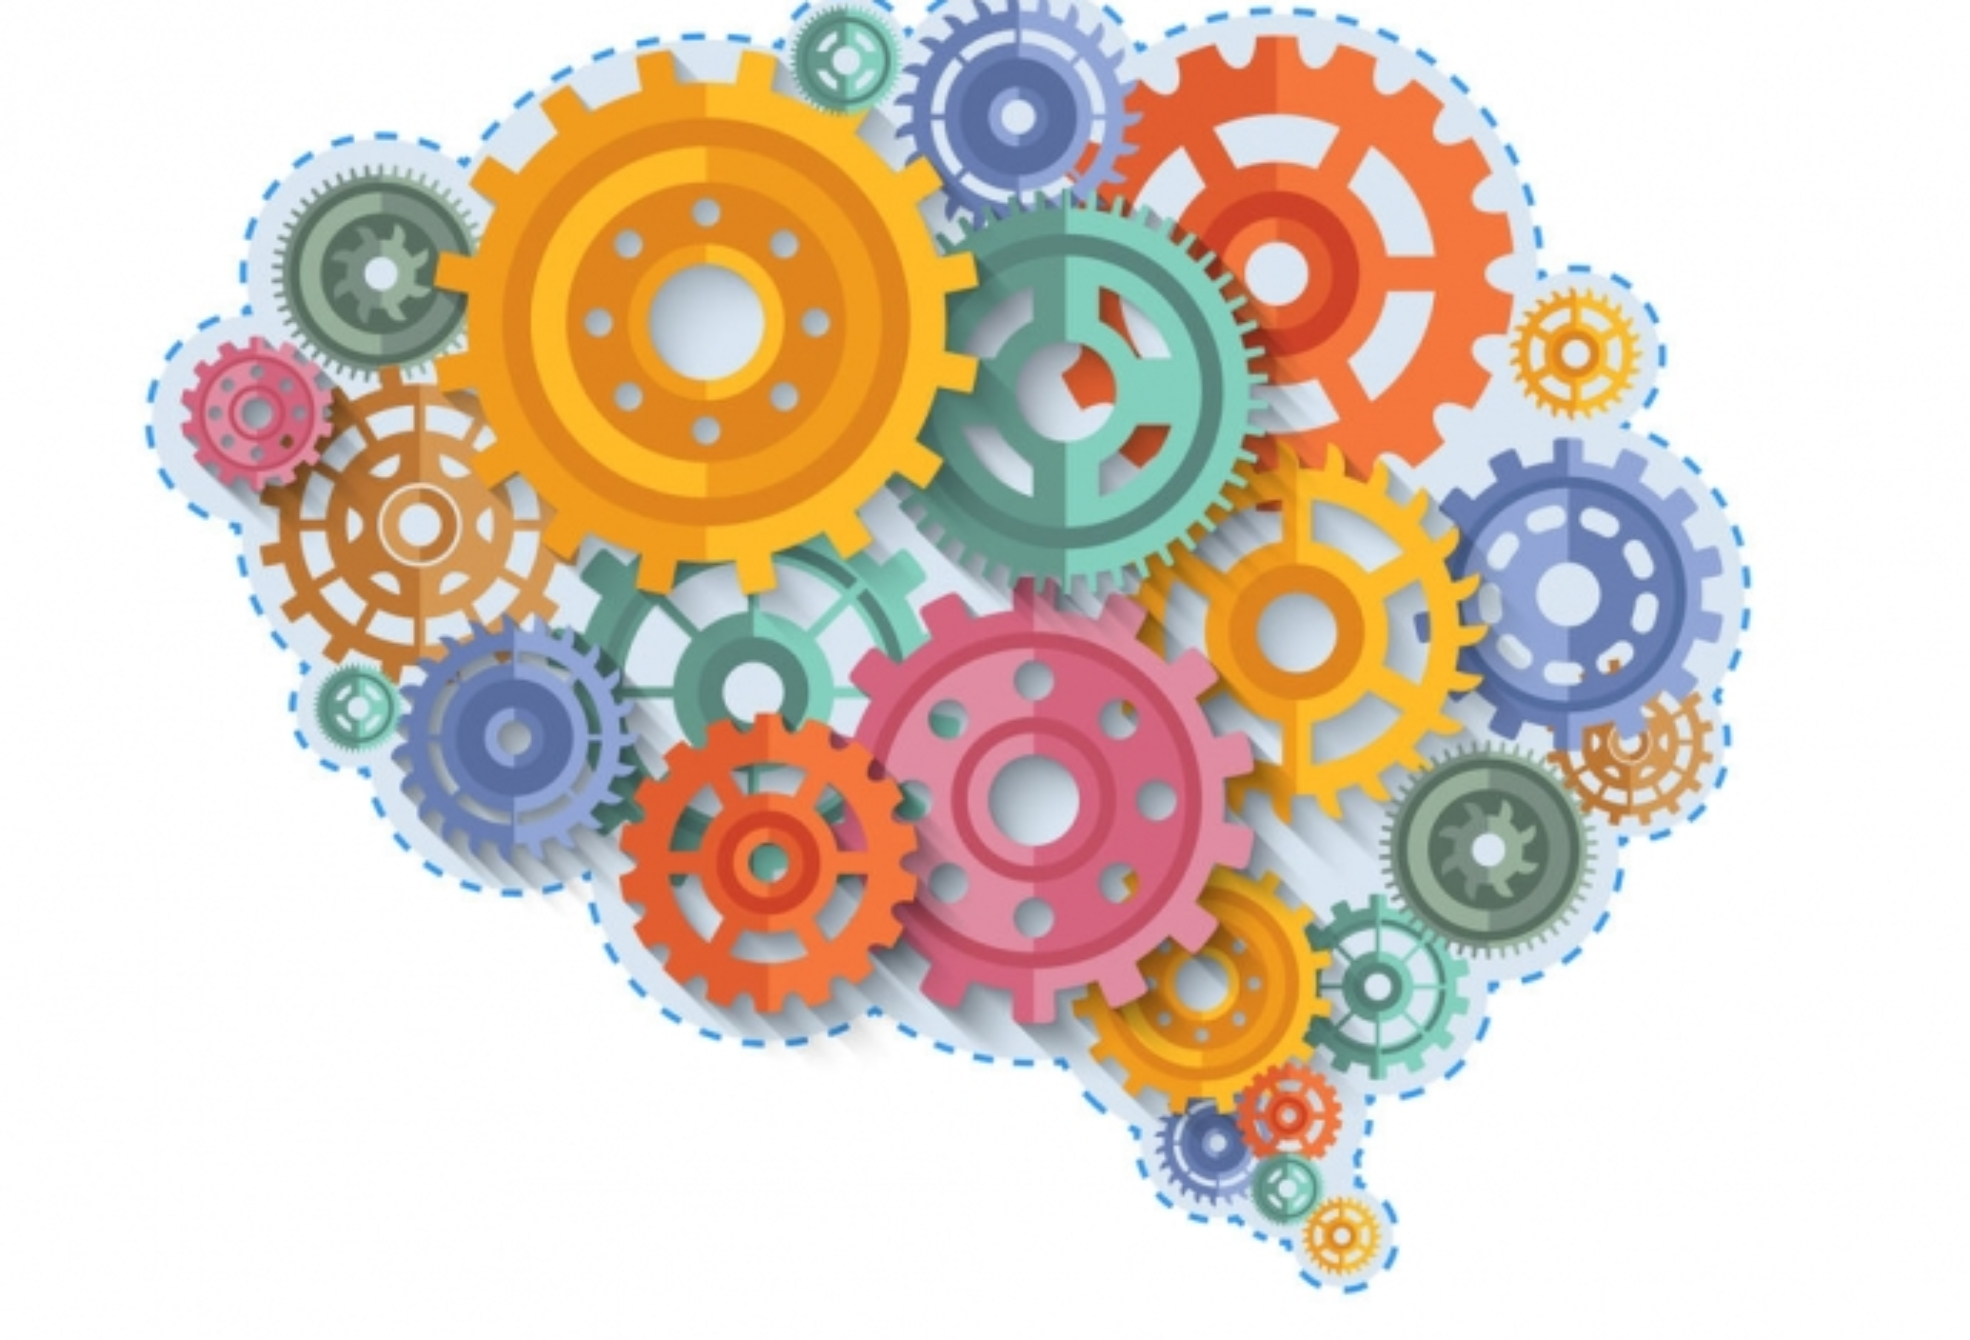 Cómo crear hábitos - Soltar y dejar ir - Neuroplasticidad - Erasmo Dioses